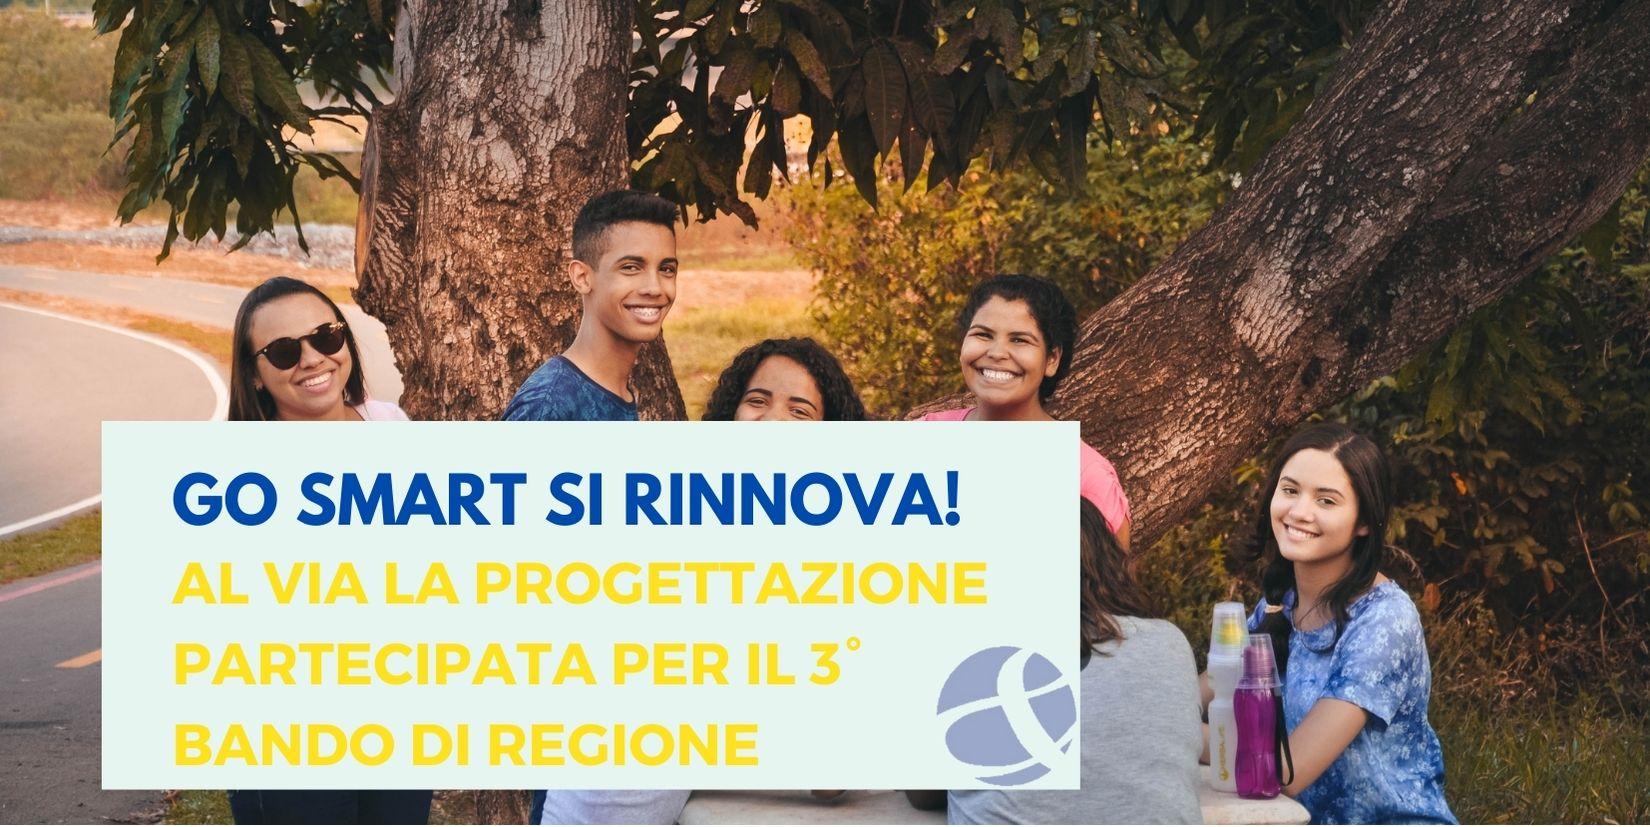 Politiche giovanili: dal progetto GO SMART alla terza edizione del bando